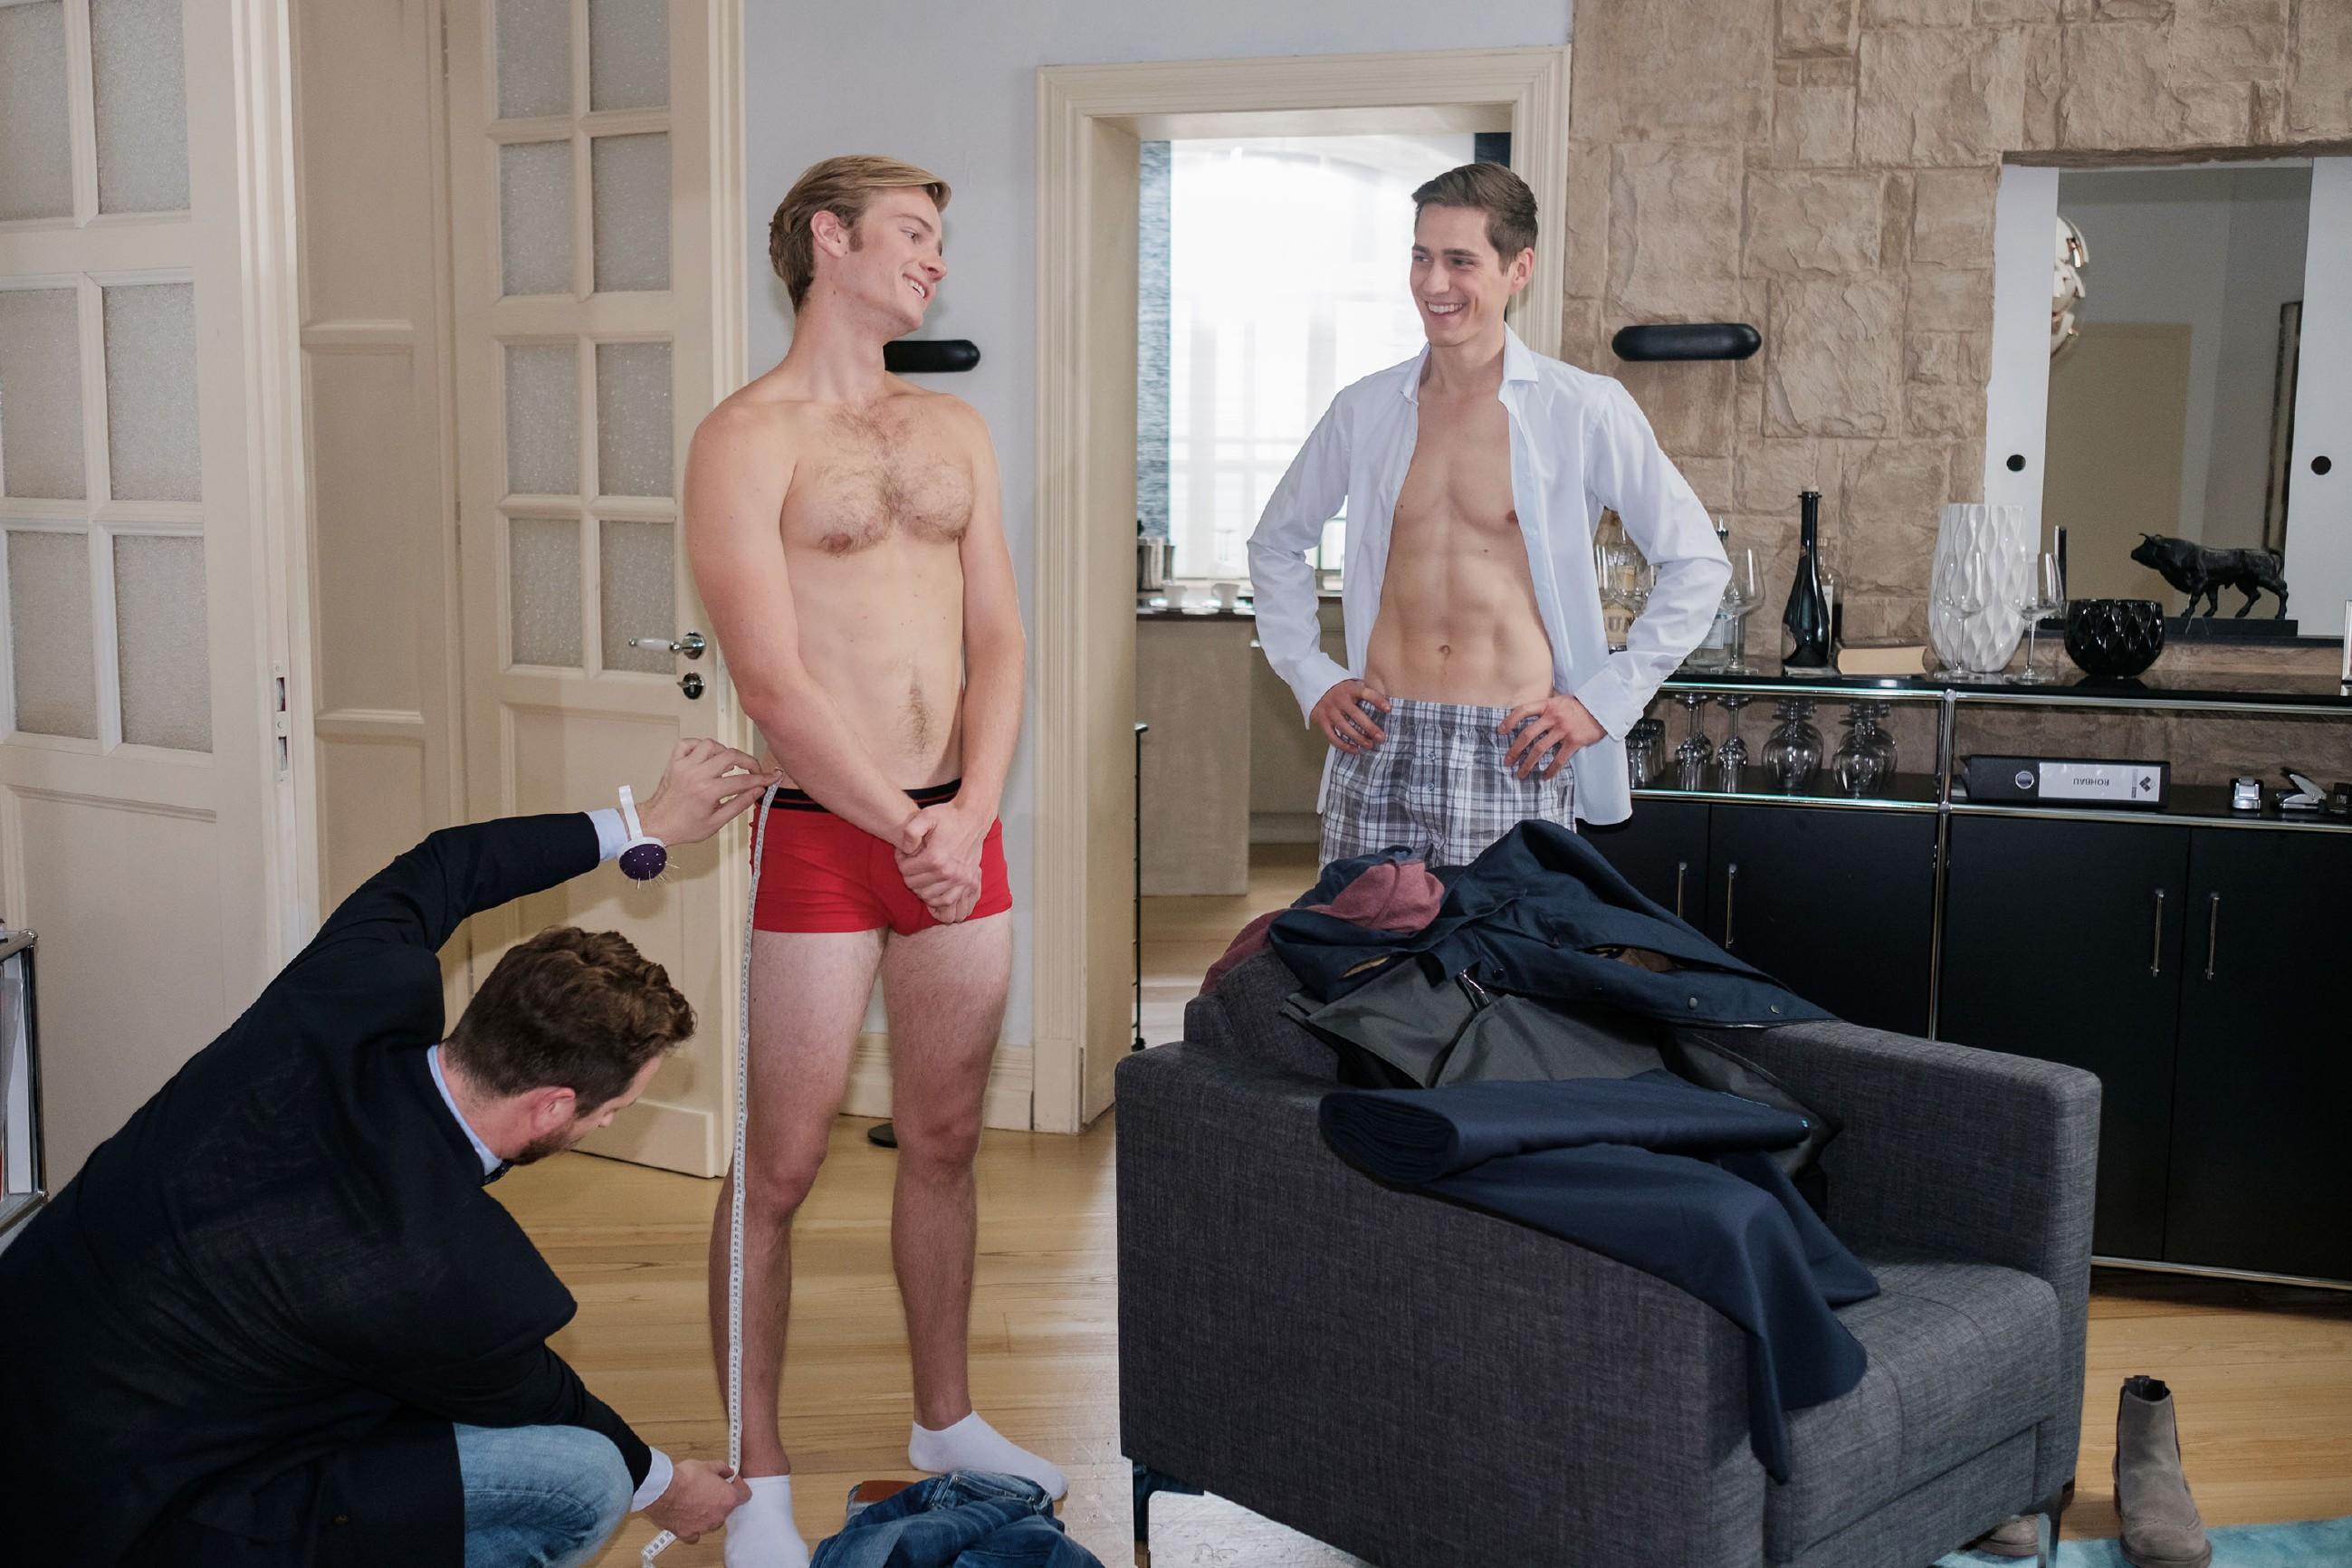 Ringo (Timothy Boldt, r.) schafft es, einen Termin bei dem Schneider Nick Schramm (Siegfried Bast, l.) zu organisieren, der ihm und Valentin (Aaron Koszuta) einen Anzug maßschneidert. (Quelle: RTL / Stefan Behrens)